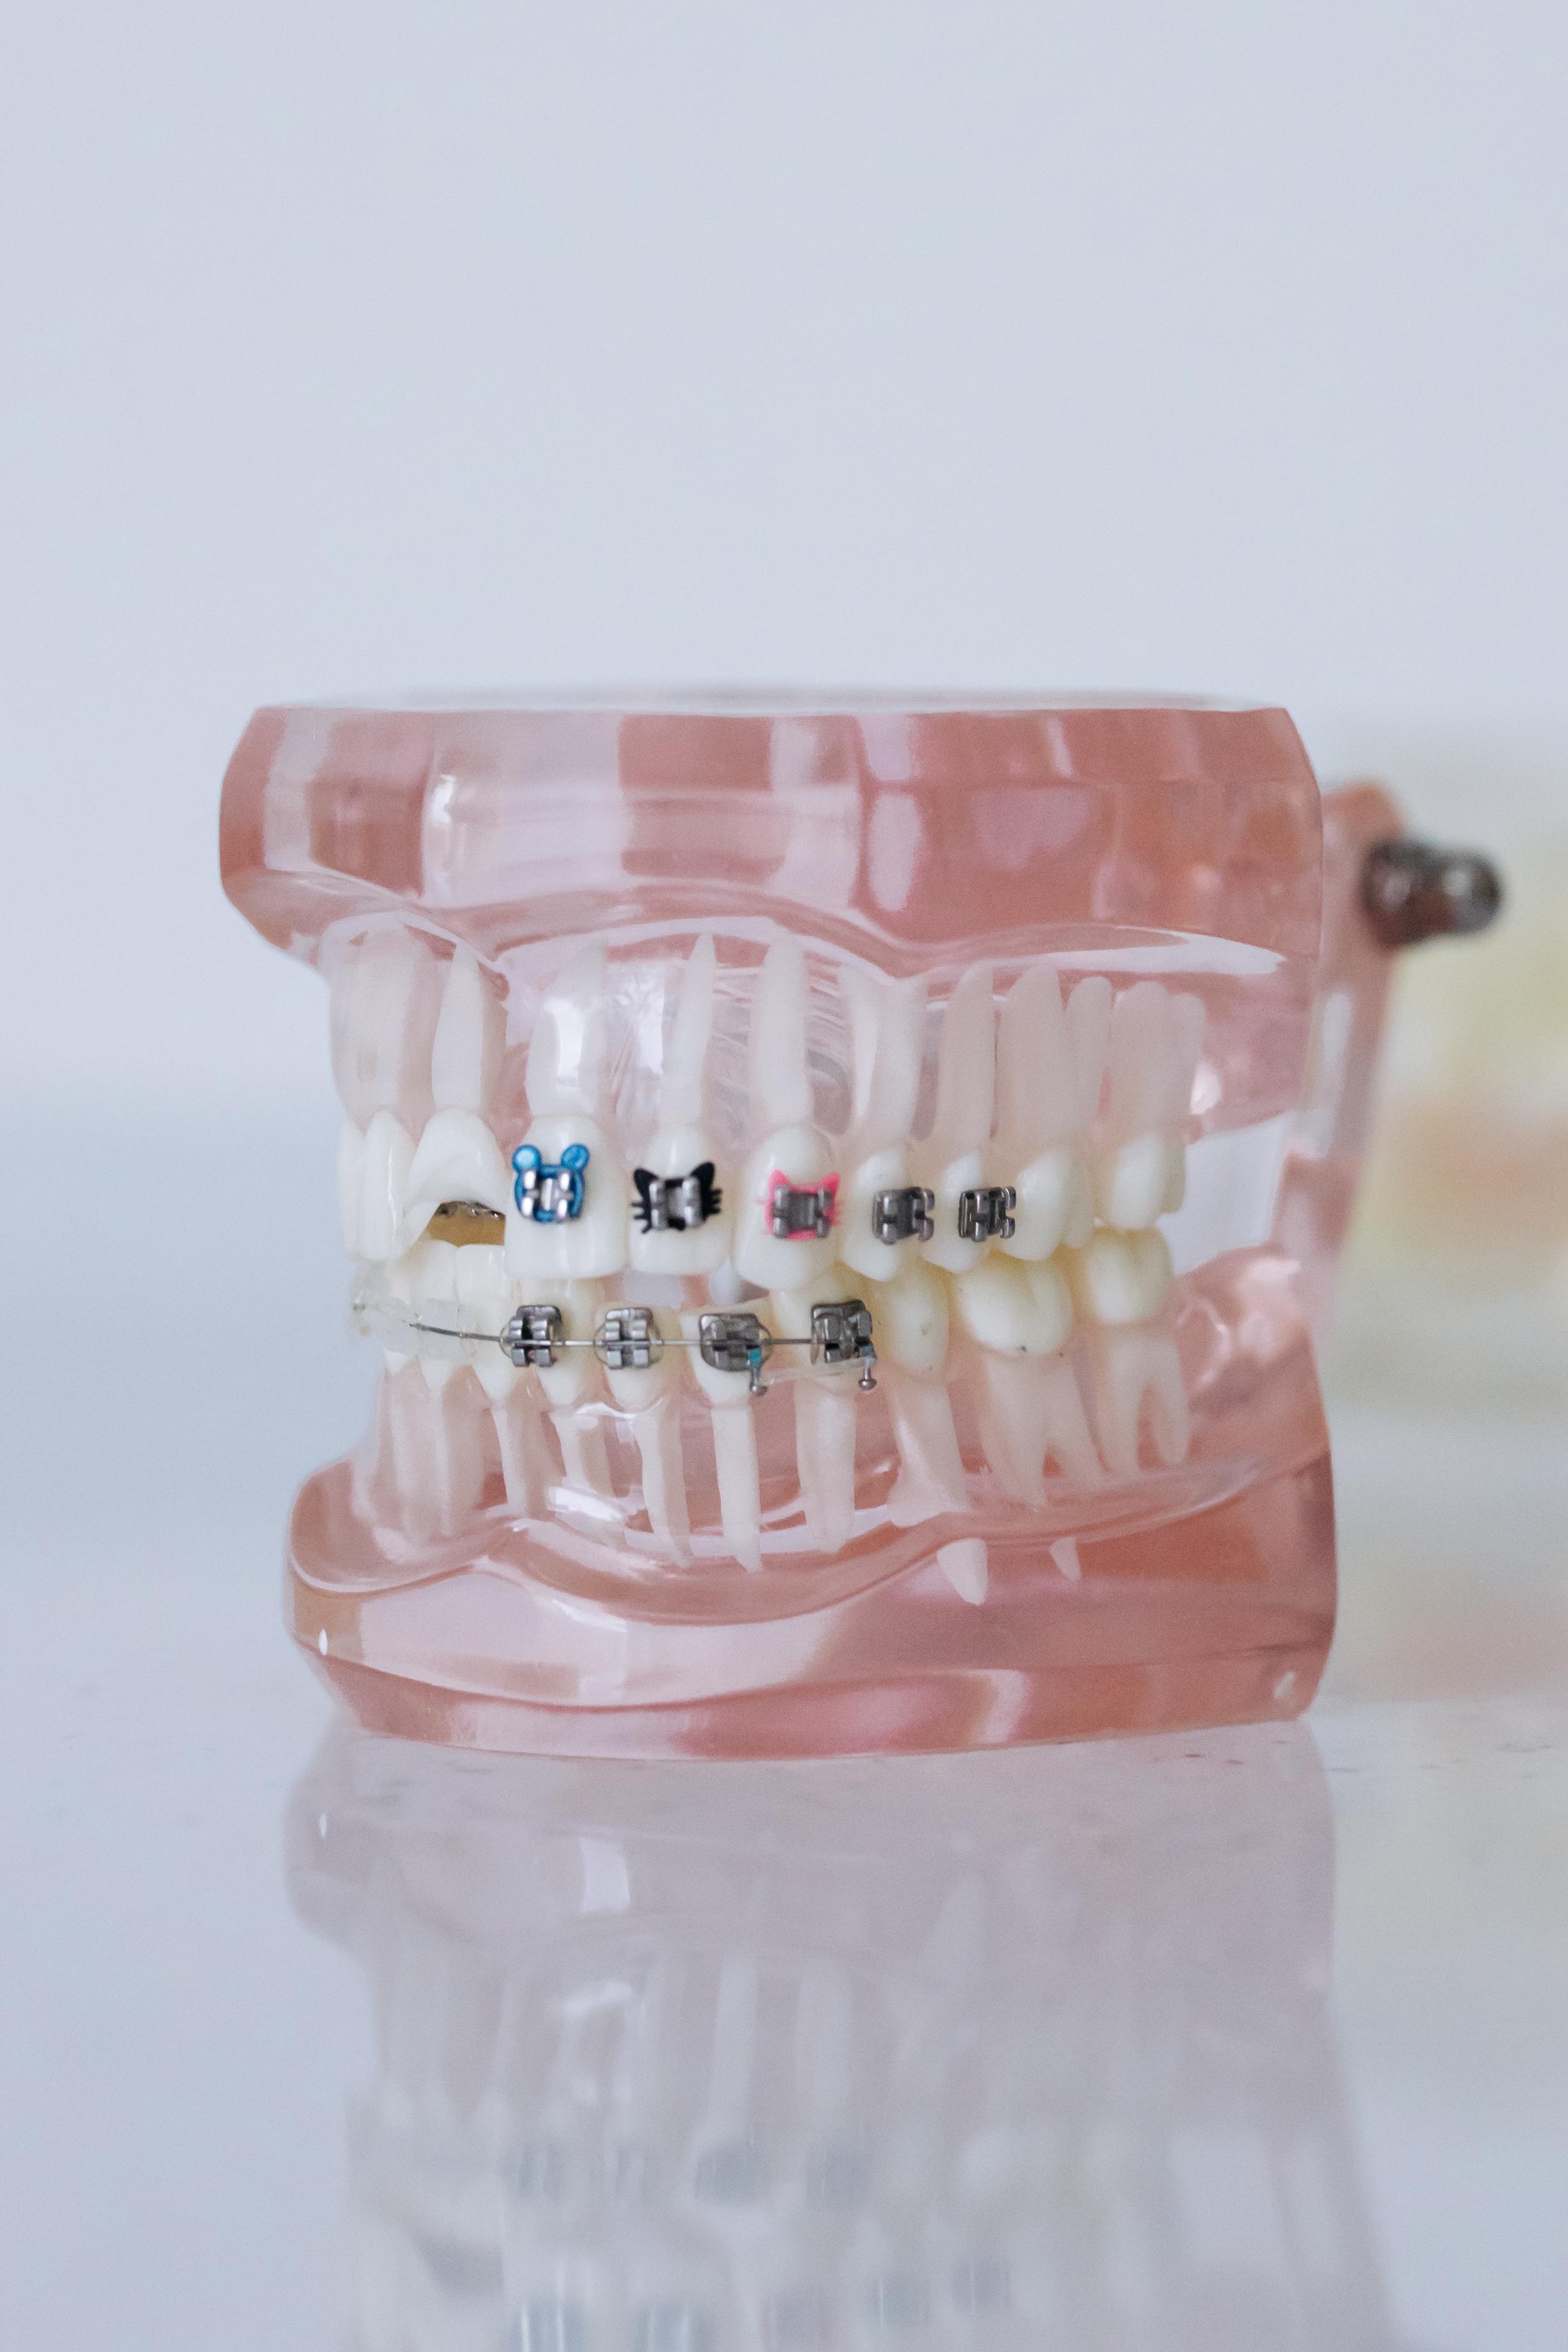 【牙科Q&A】植牙簡介與價格懶人包大全集-植牙手術是什麼?植牙要多少錢?